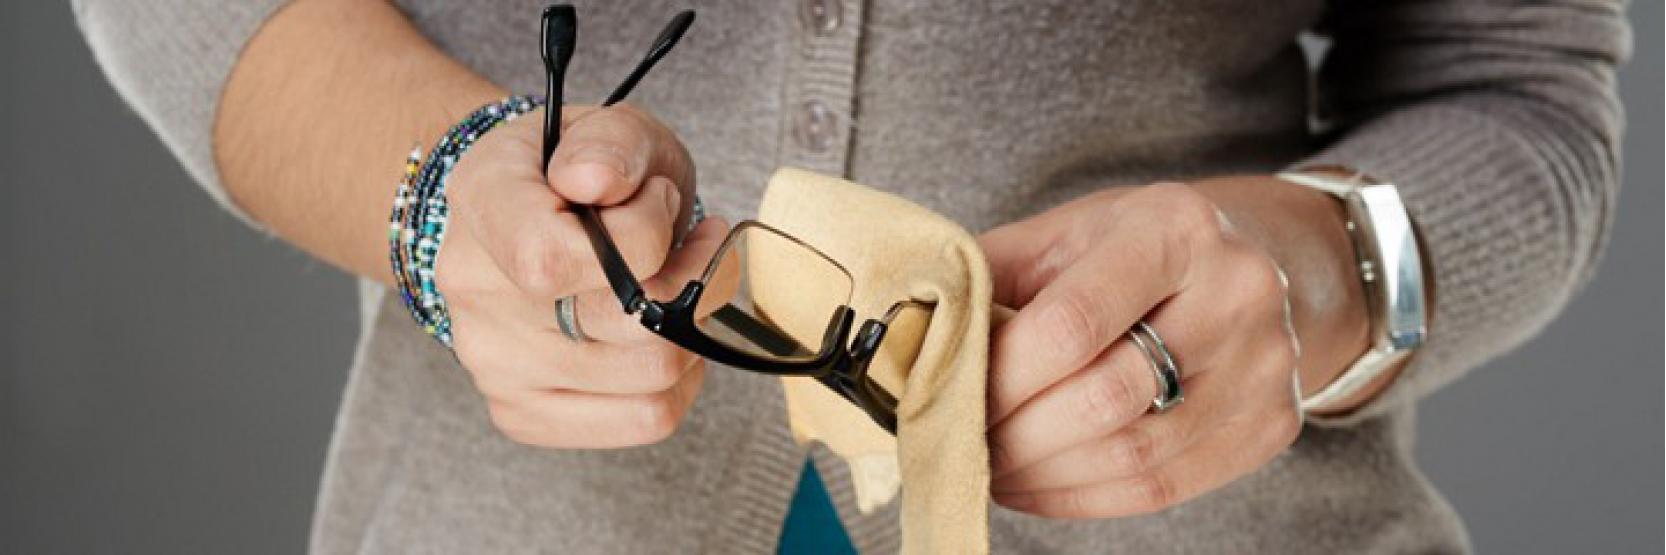 إزالة الخدوش من النظارات في 5 خطوات سهلة